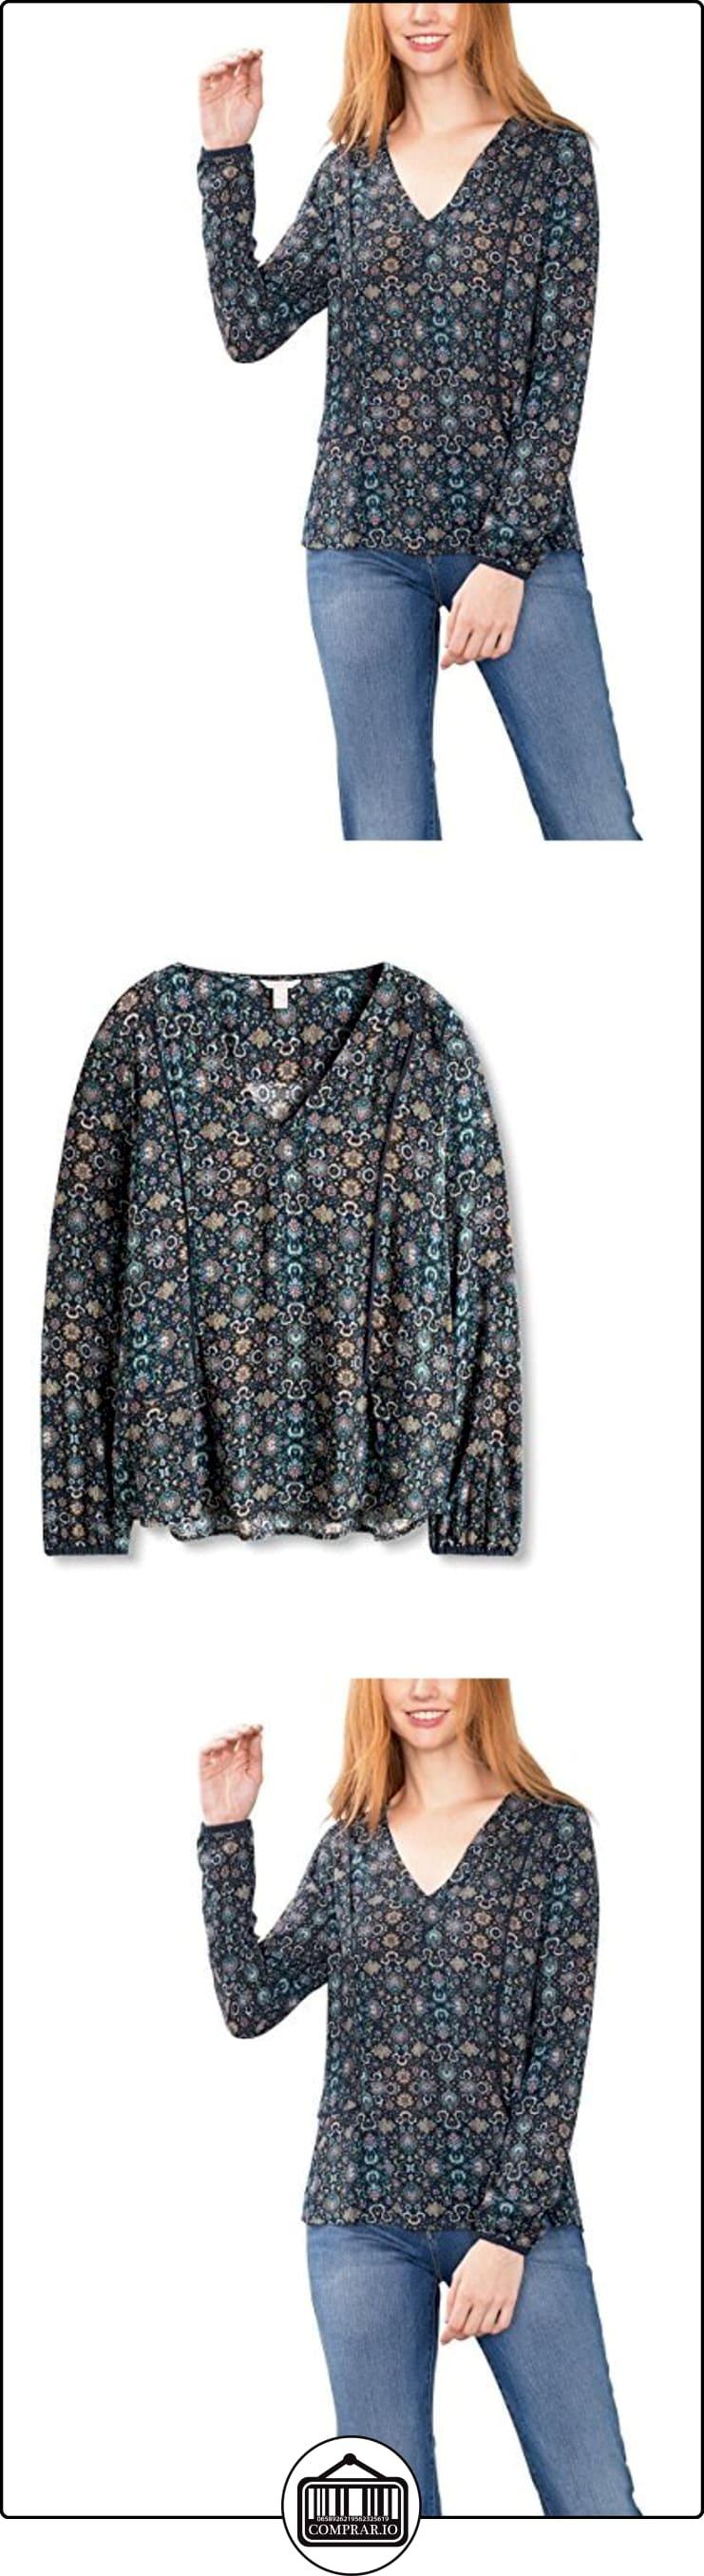 ESPRIT 086EE1F019, Blusa Mujer, Multicolor (NAVY), 34  ✿ Blusas y camisas ✿